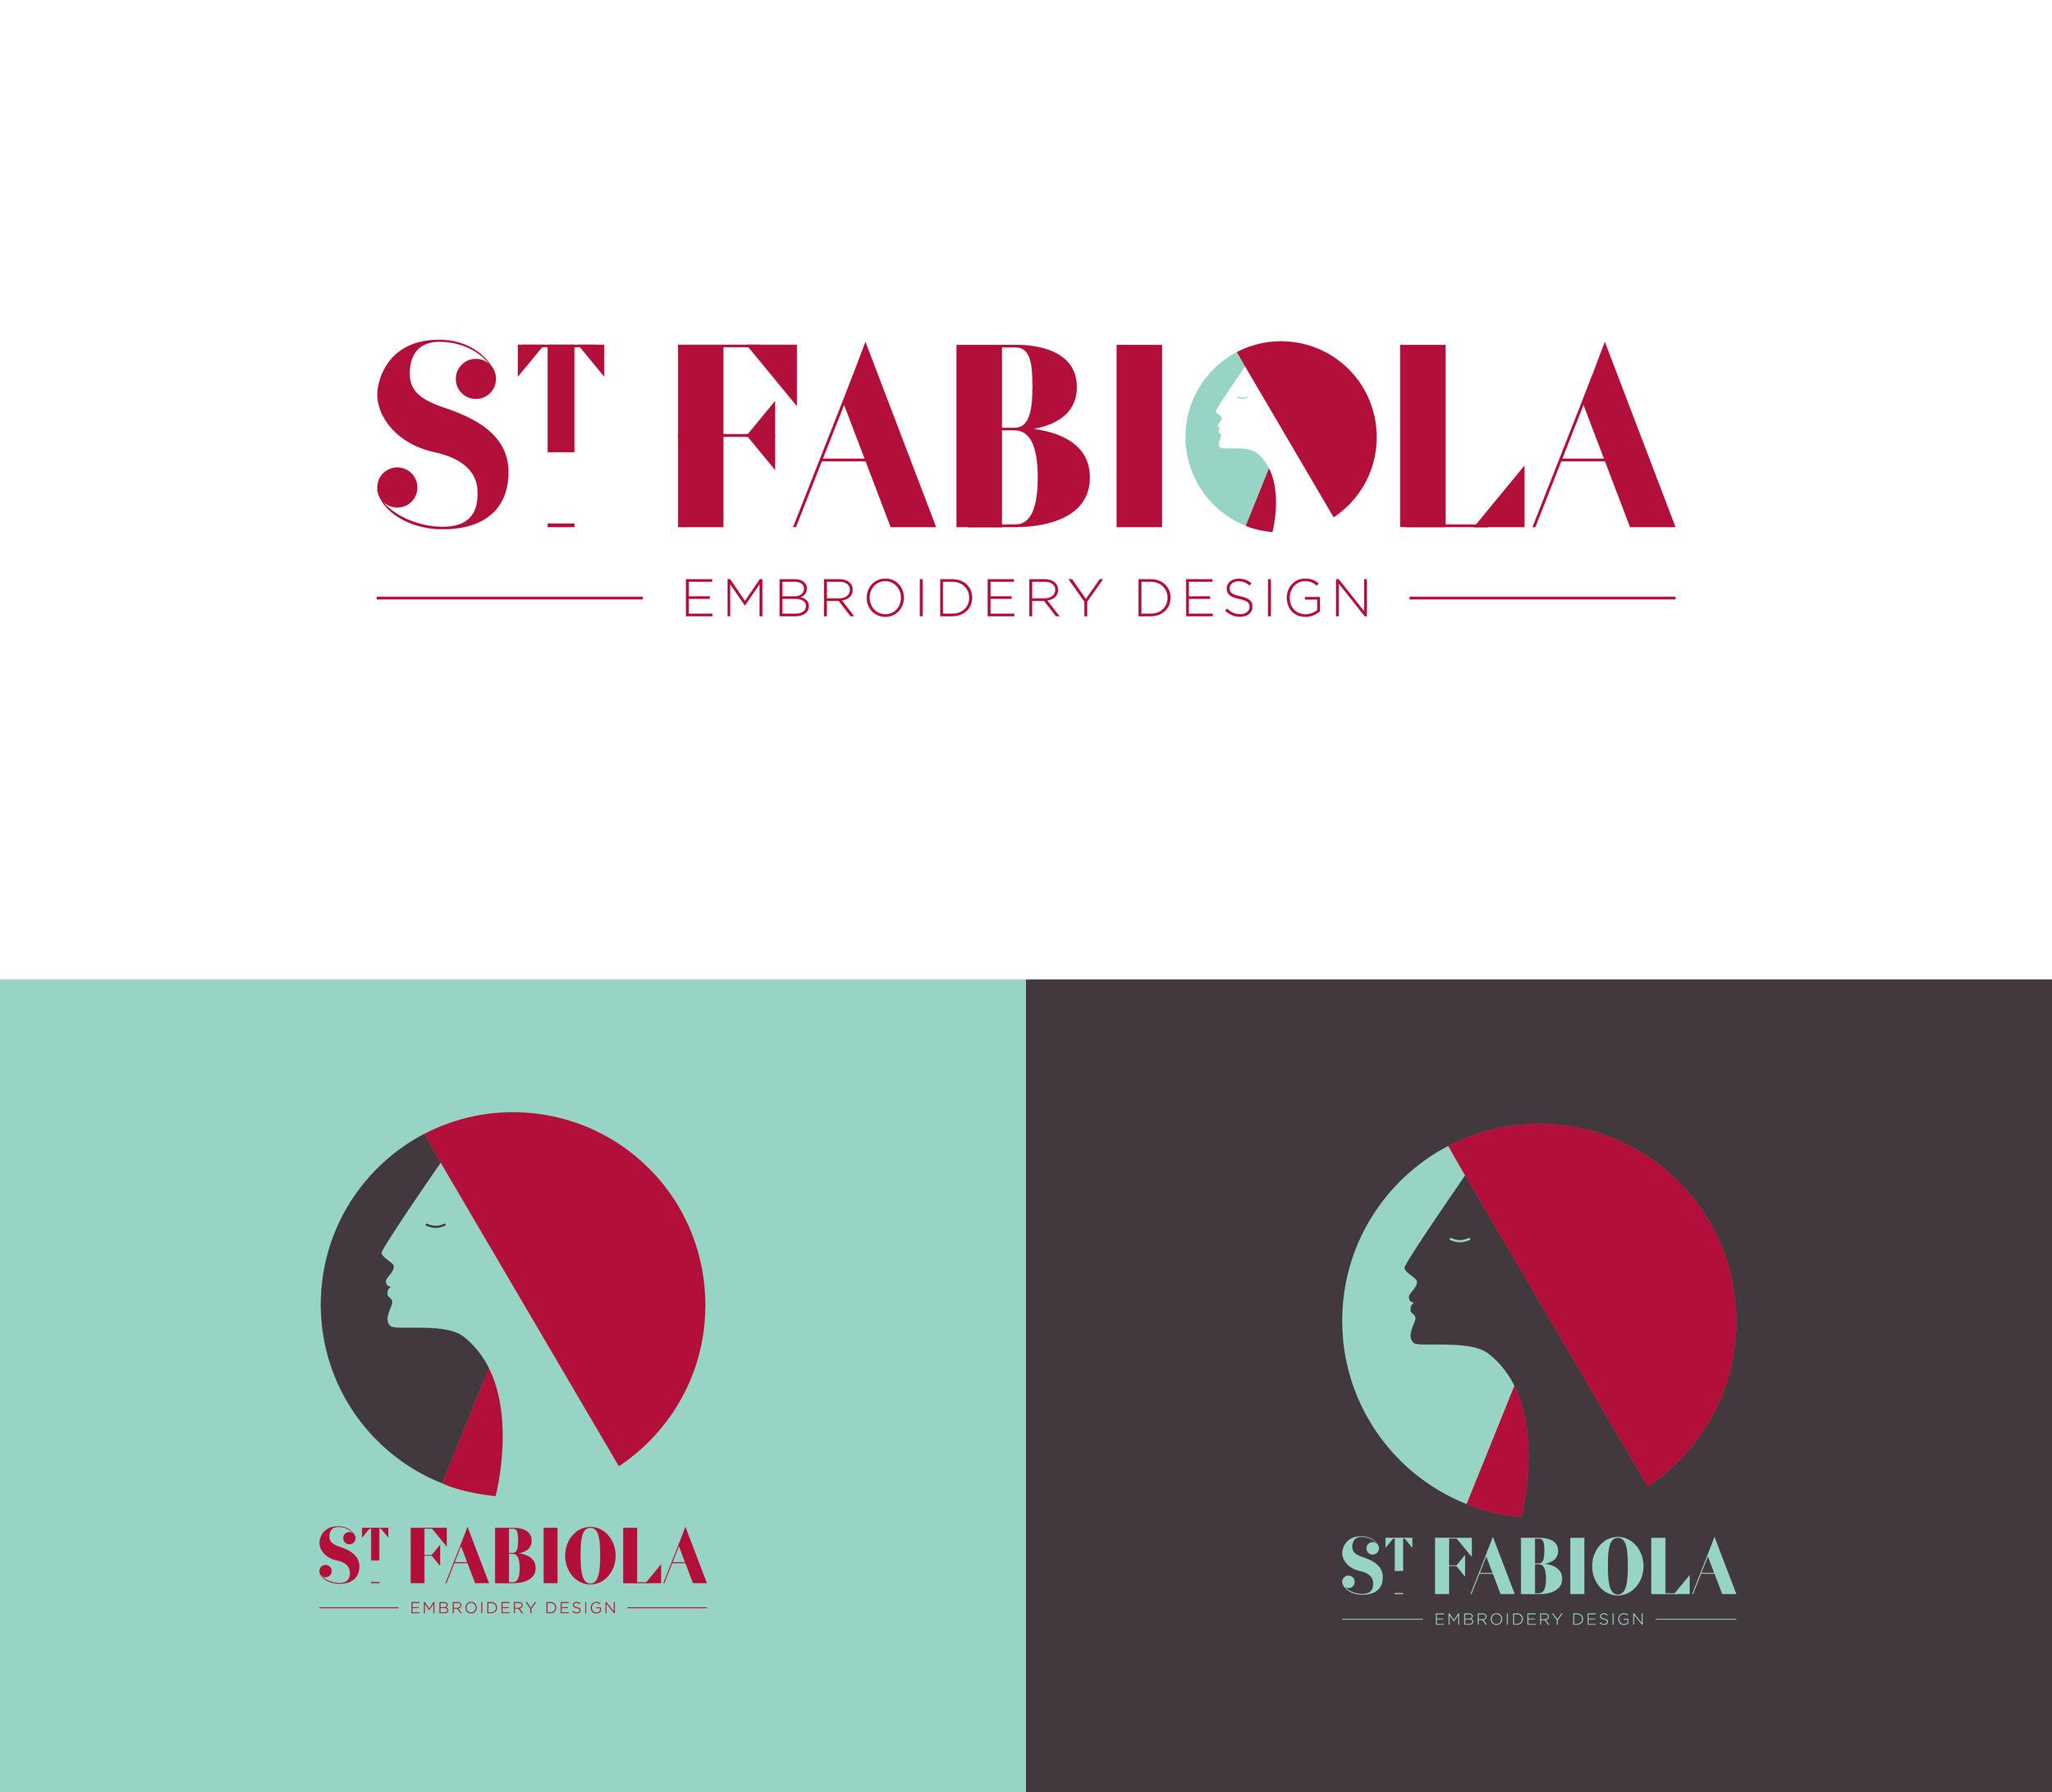 SH_StFabiola_Portfolio_v12.jpg